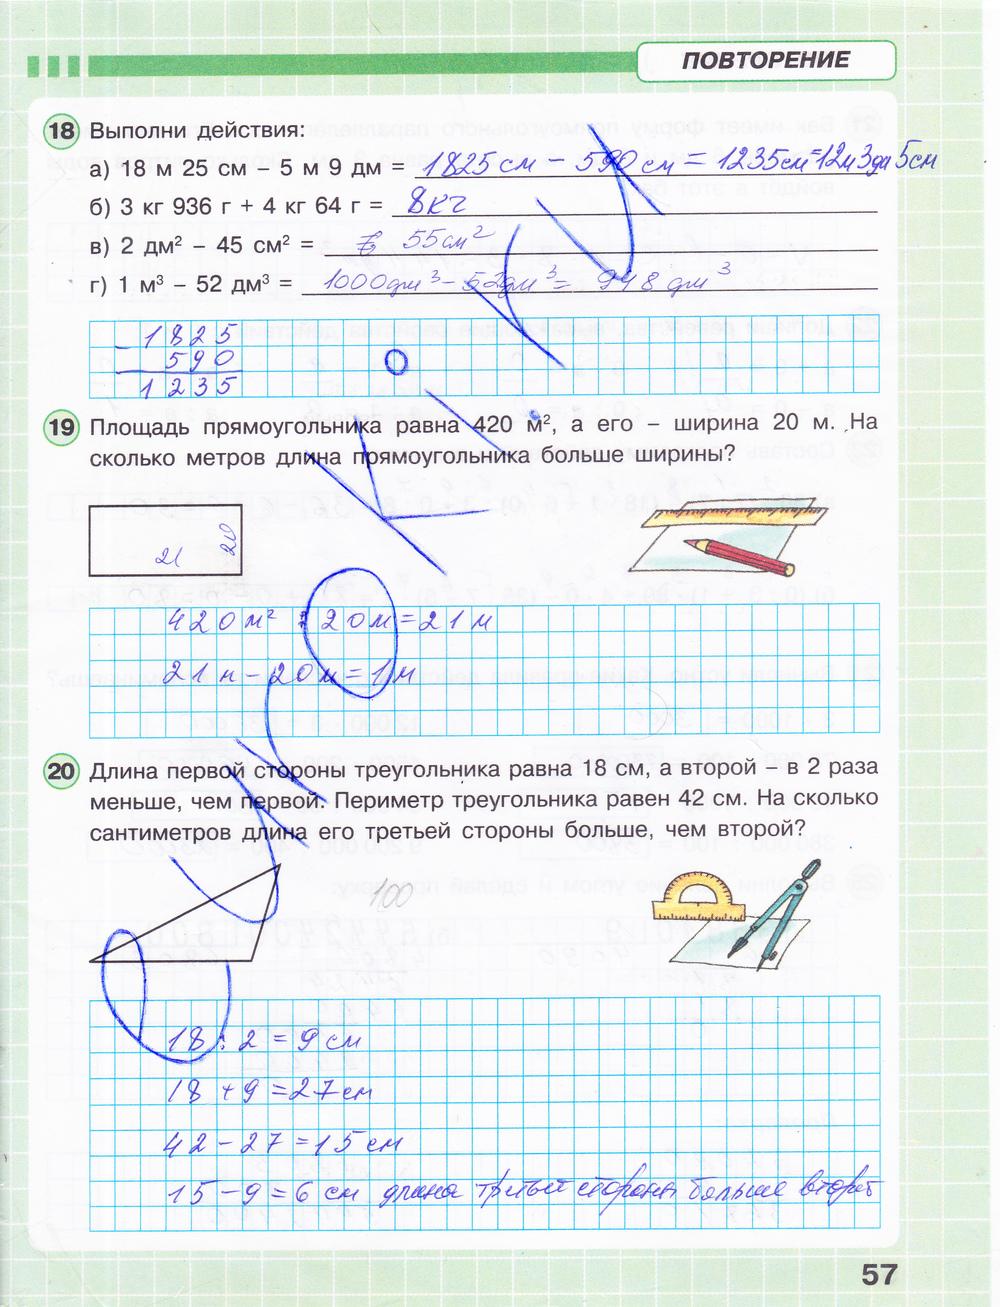 гдз математика 3 класс рабочая тетрадь л г петерсон 3 часть ответы